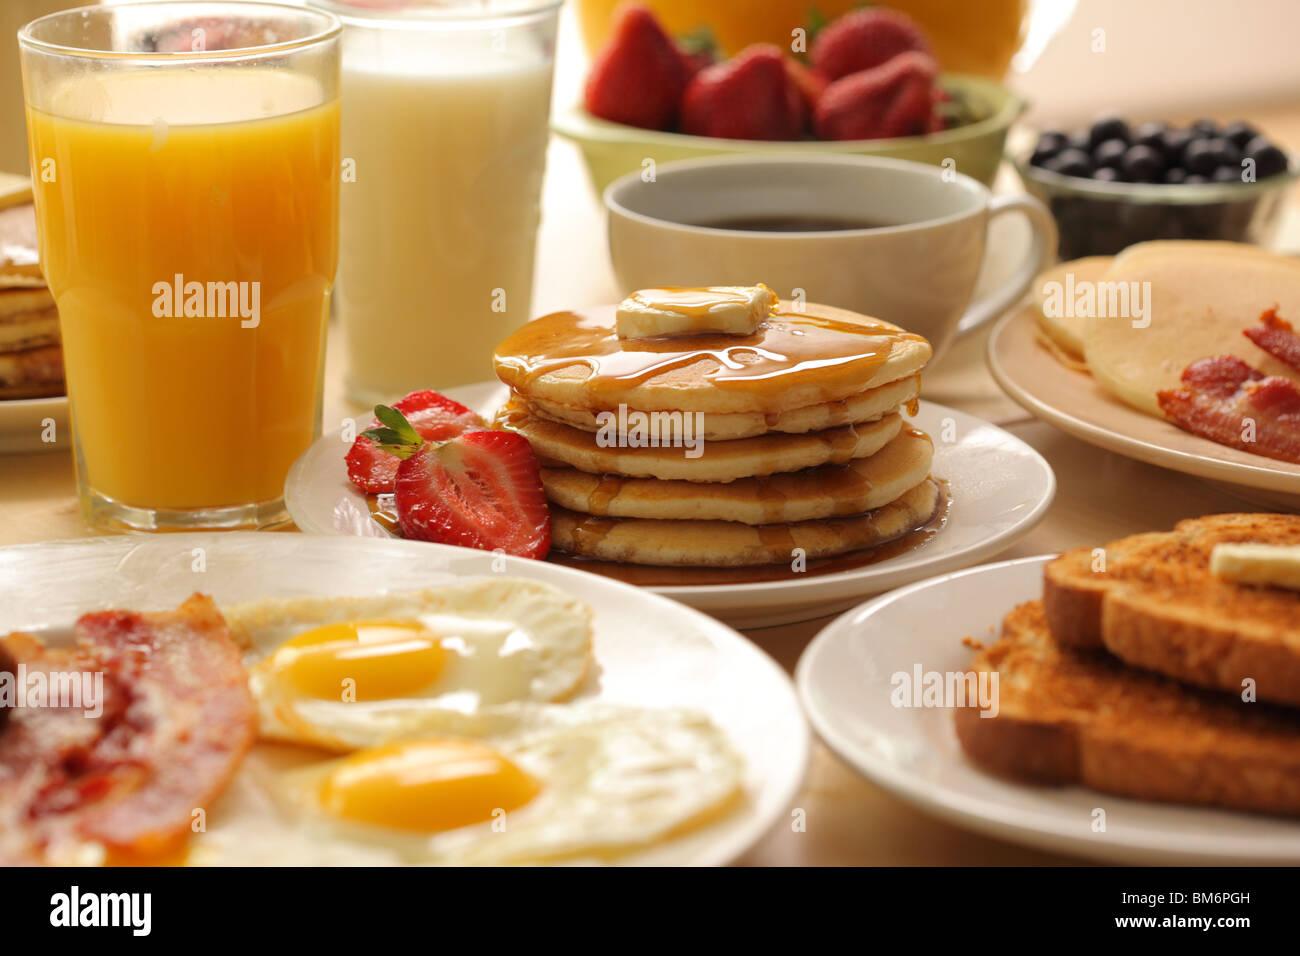 La colazione pancake, frutta, uova, bacon e toast Immagini Stock